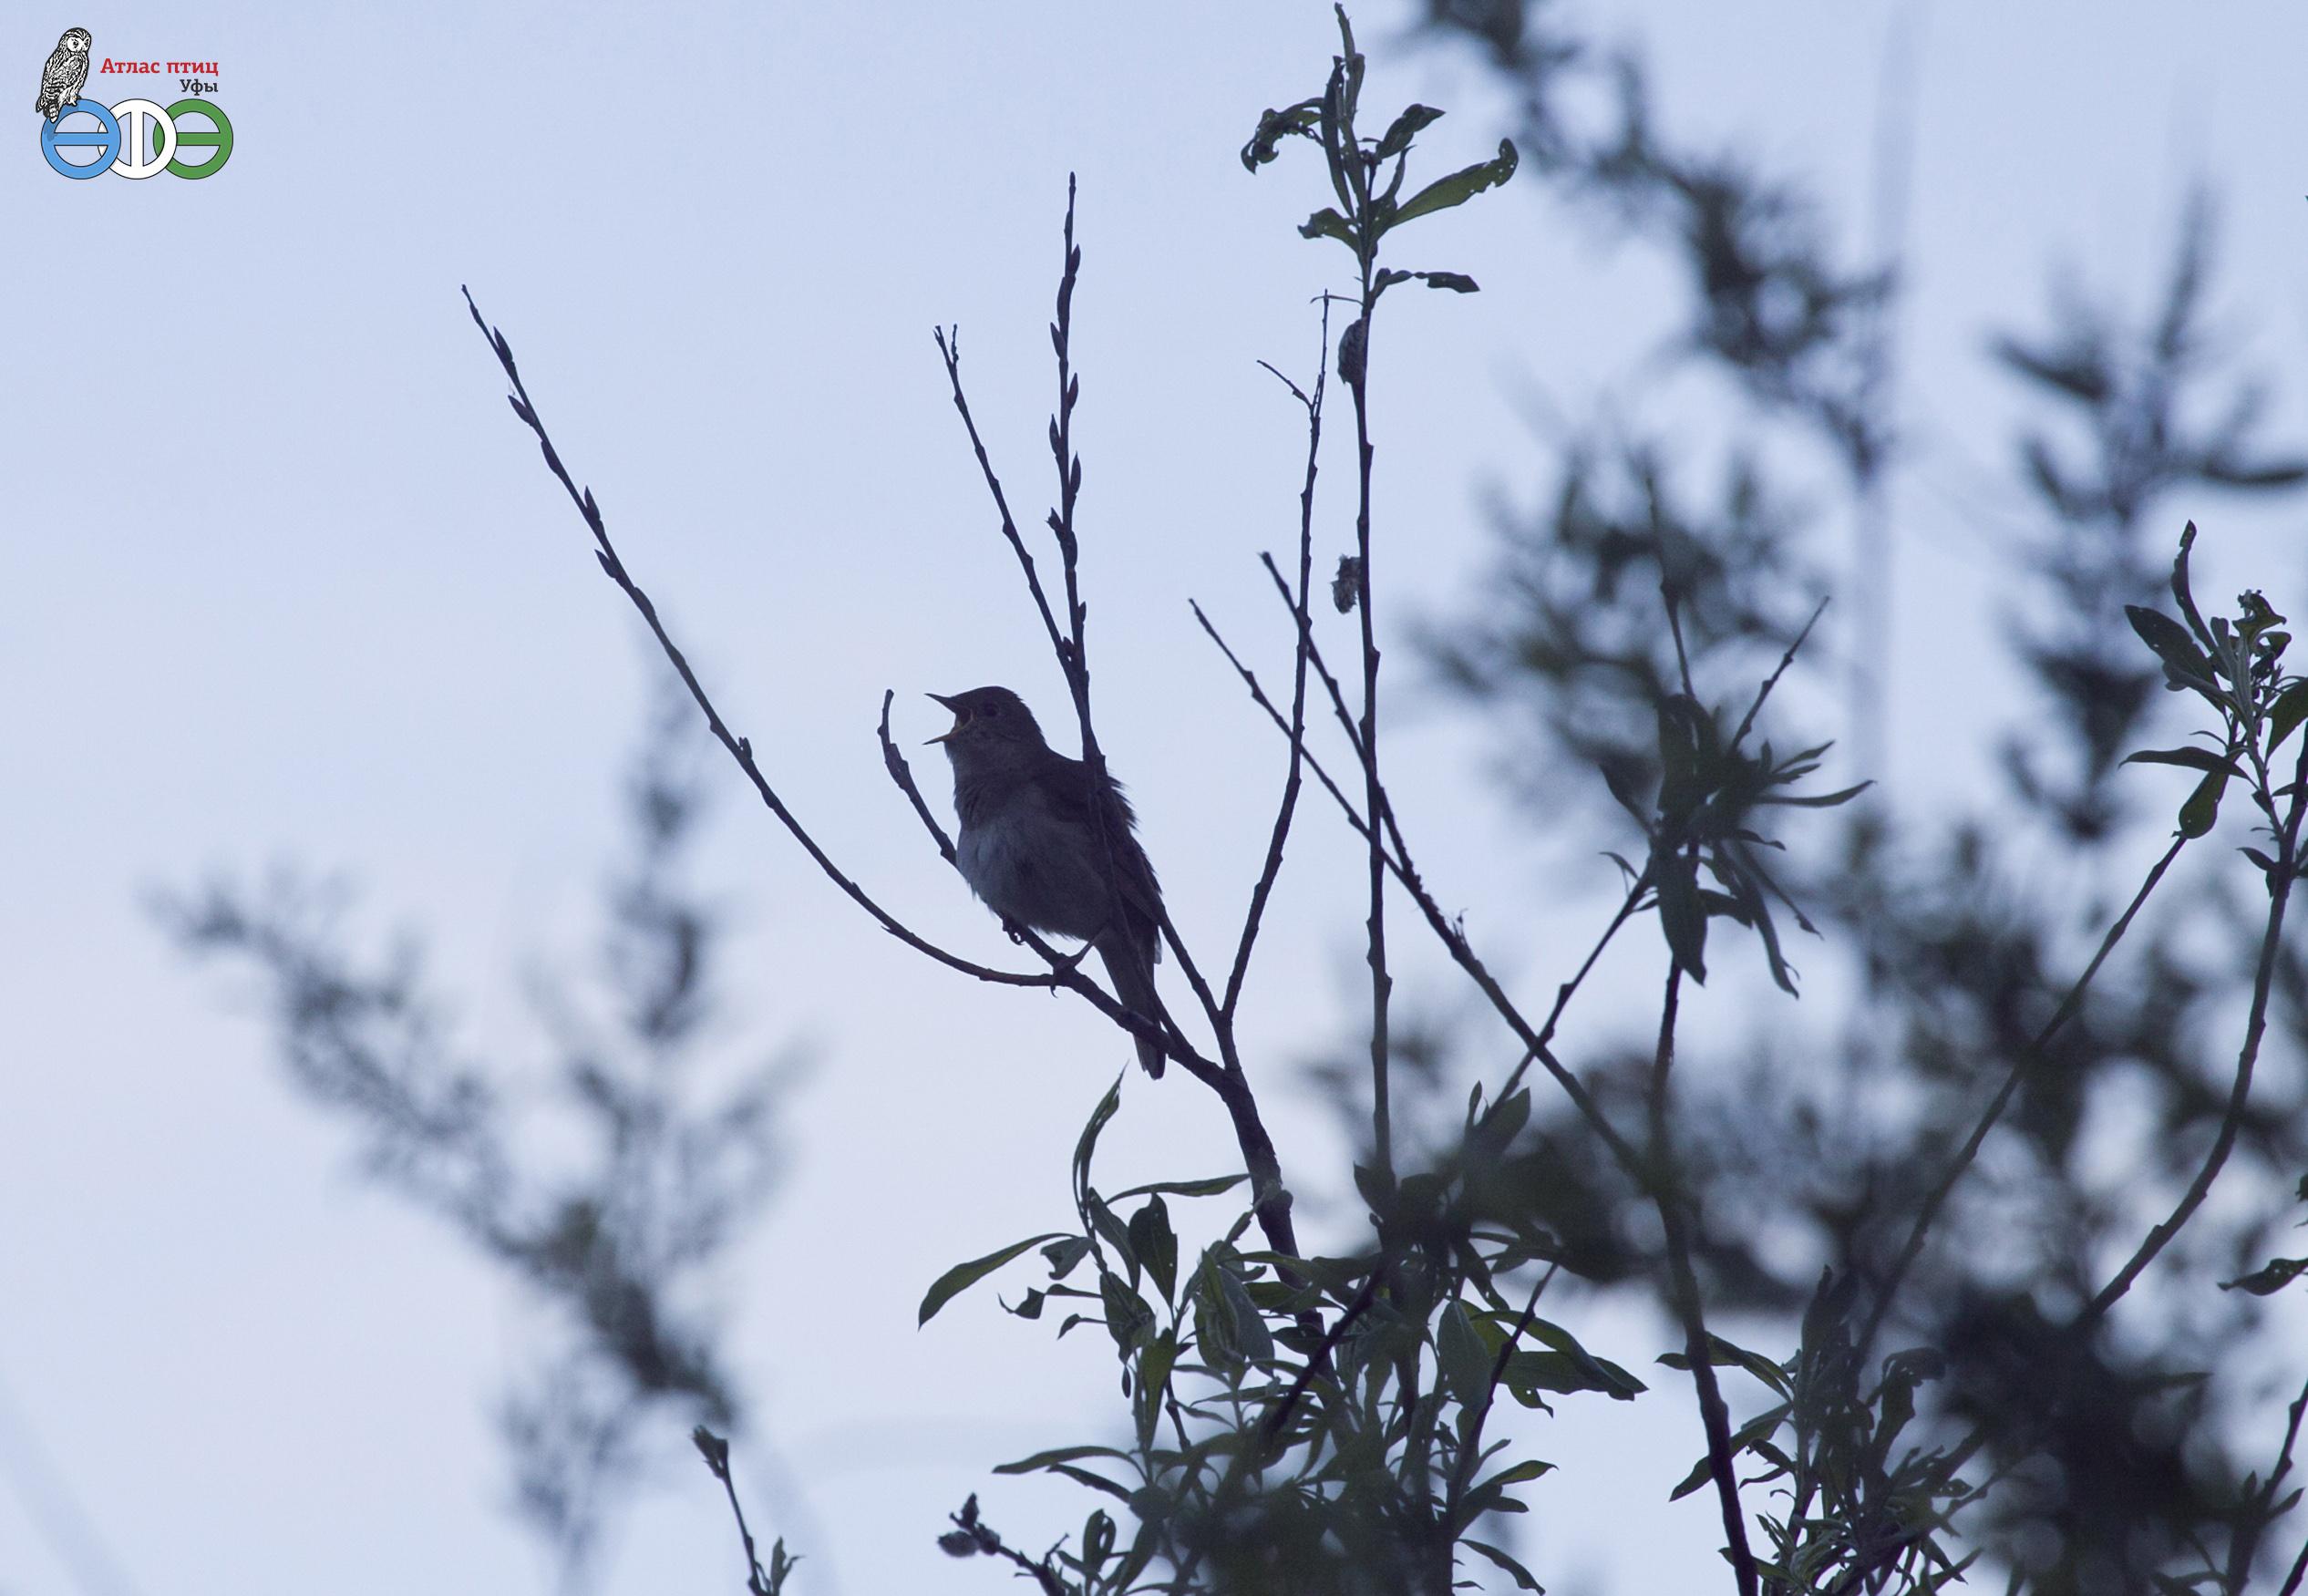 Обыкновенный соловей, 17.05.2020, квадрат Б4 Атласа птиц Уфы (фото Полежанкиной П.Г.)